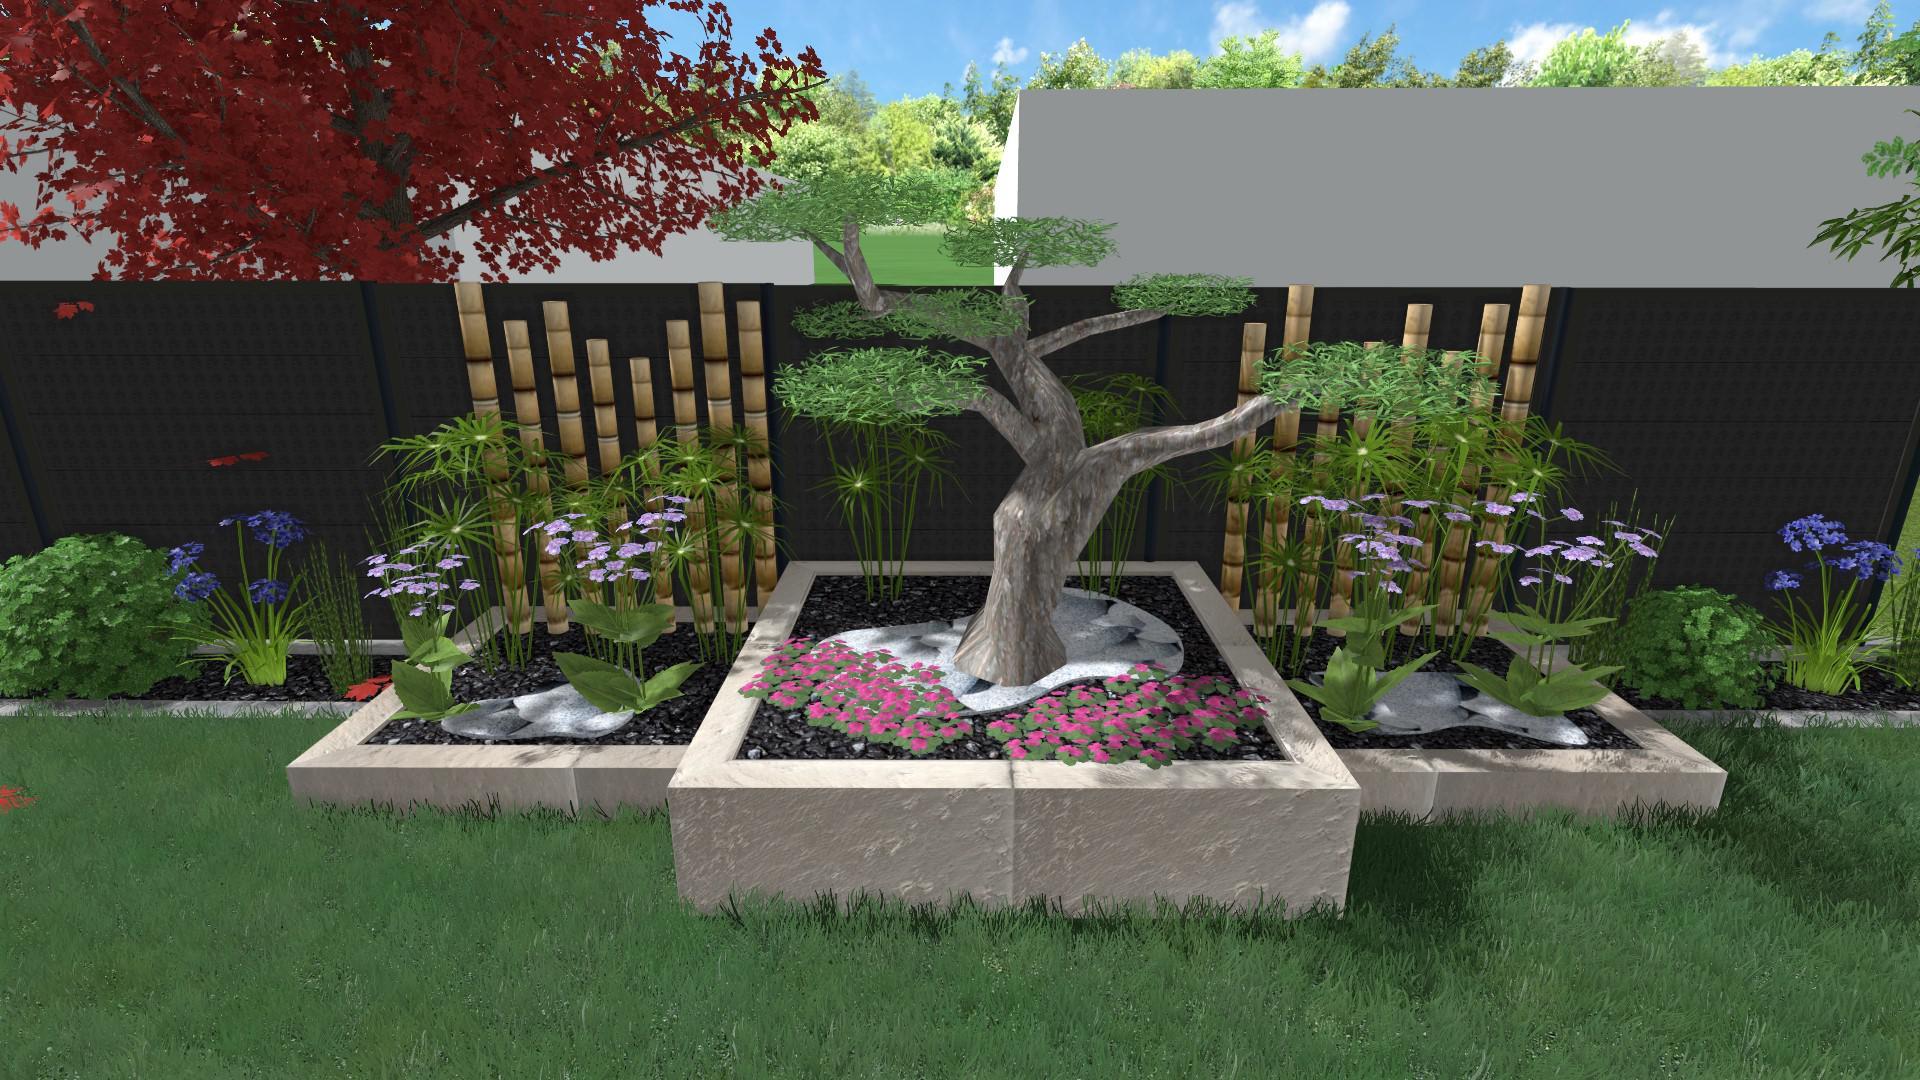 Jardin - David Paysage concernant Aménagement Du Jardin Photo